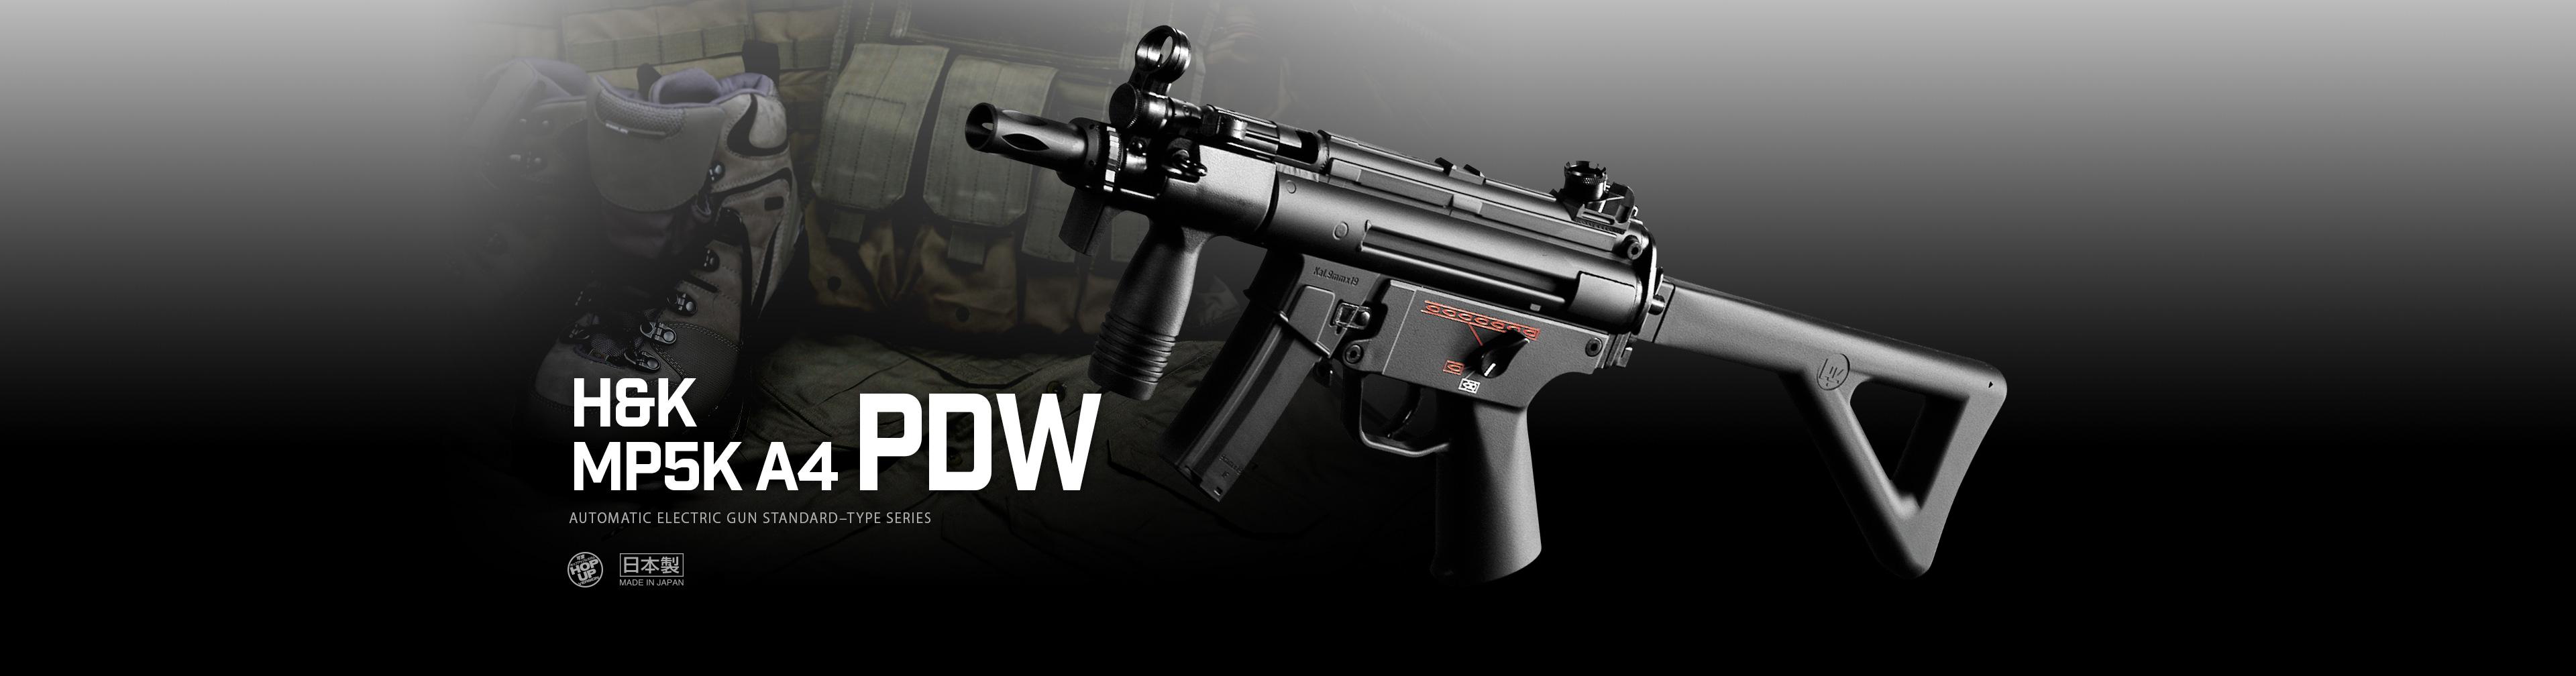 H&K MP5クルツA4 PDW